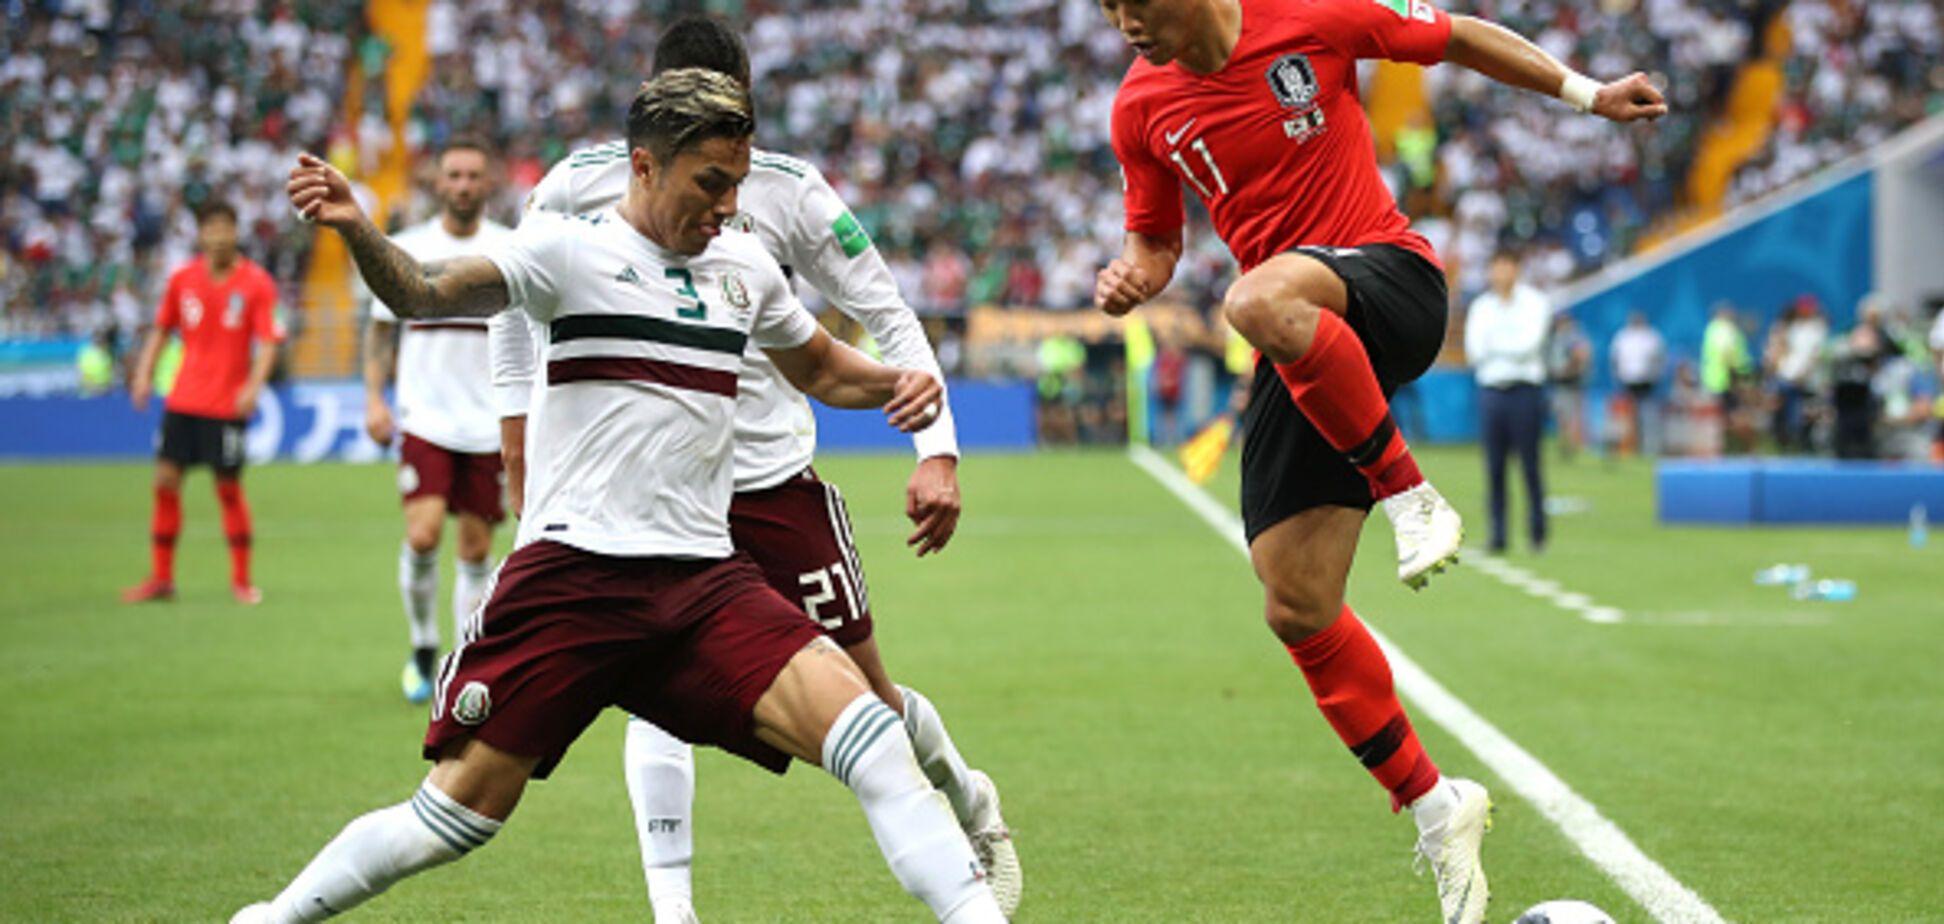 Корейський футболіст забив шедевральний гол на ЧС-2018